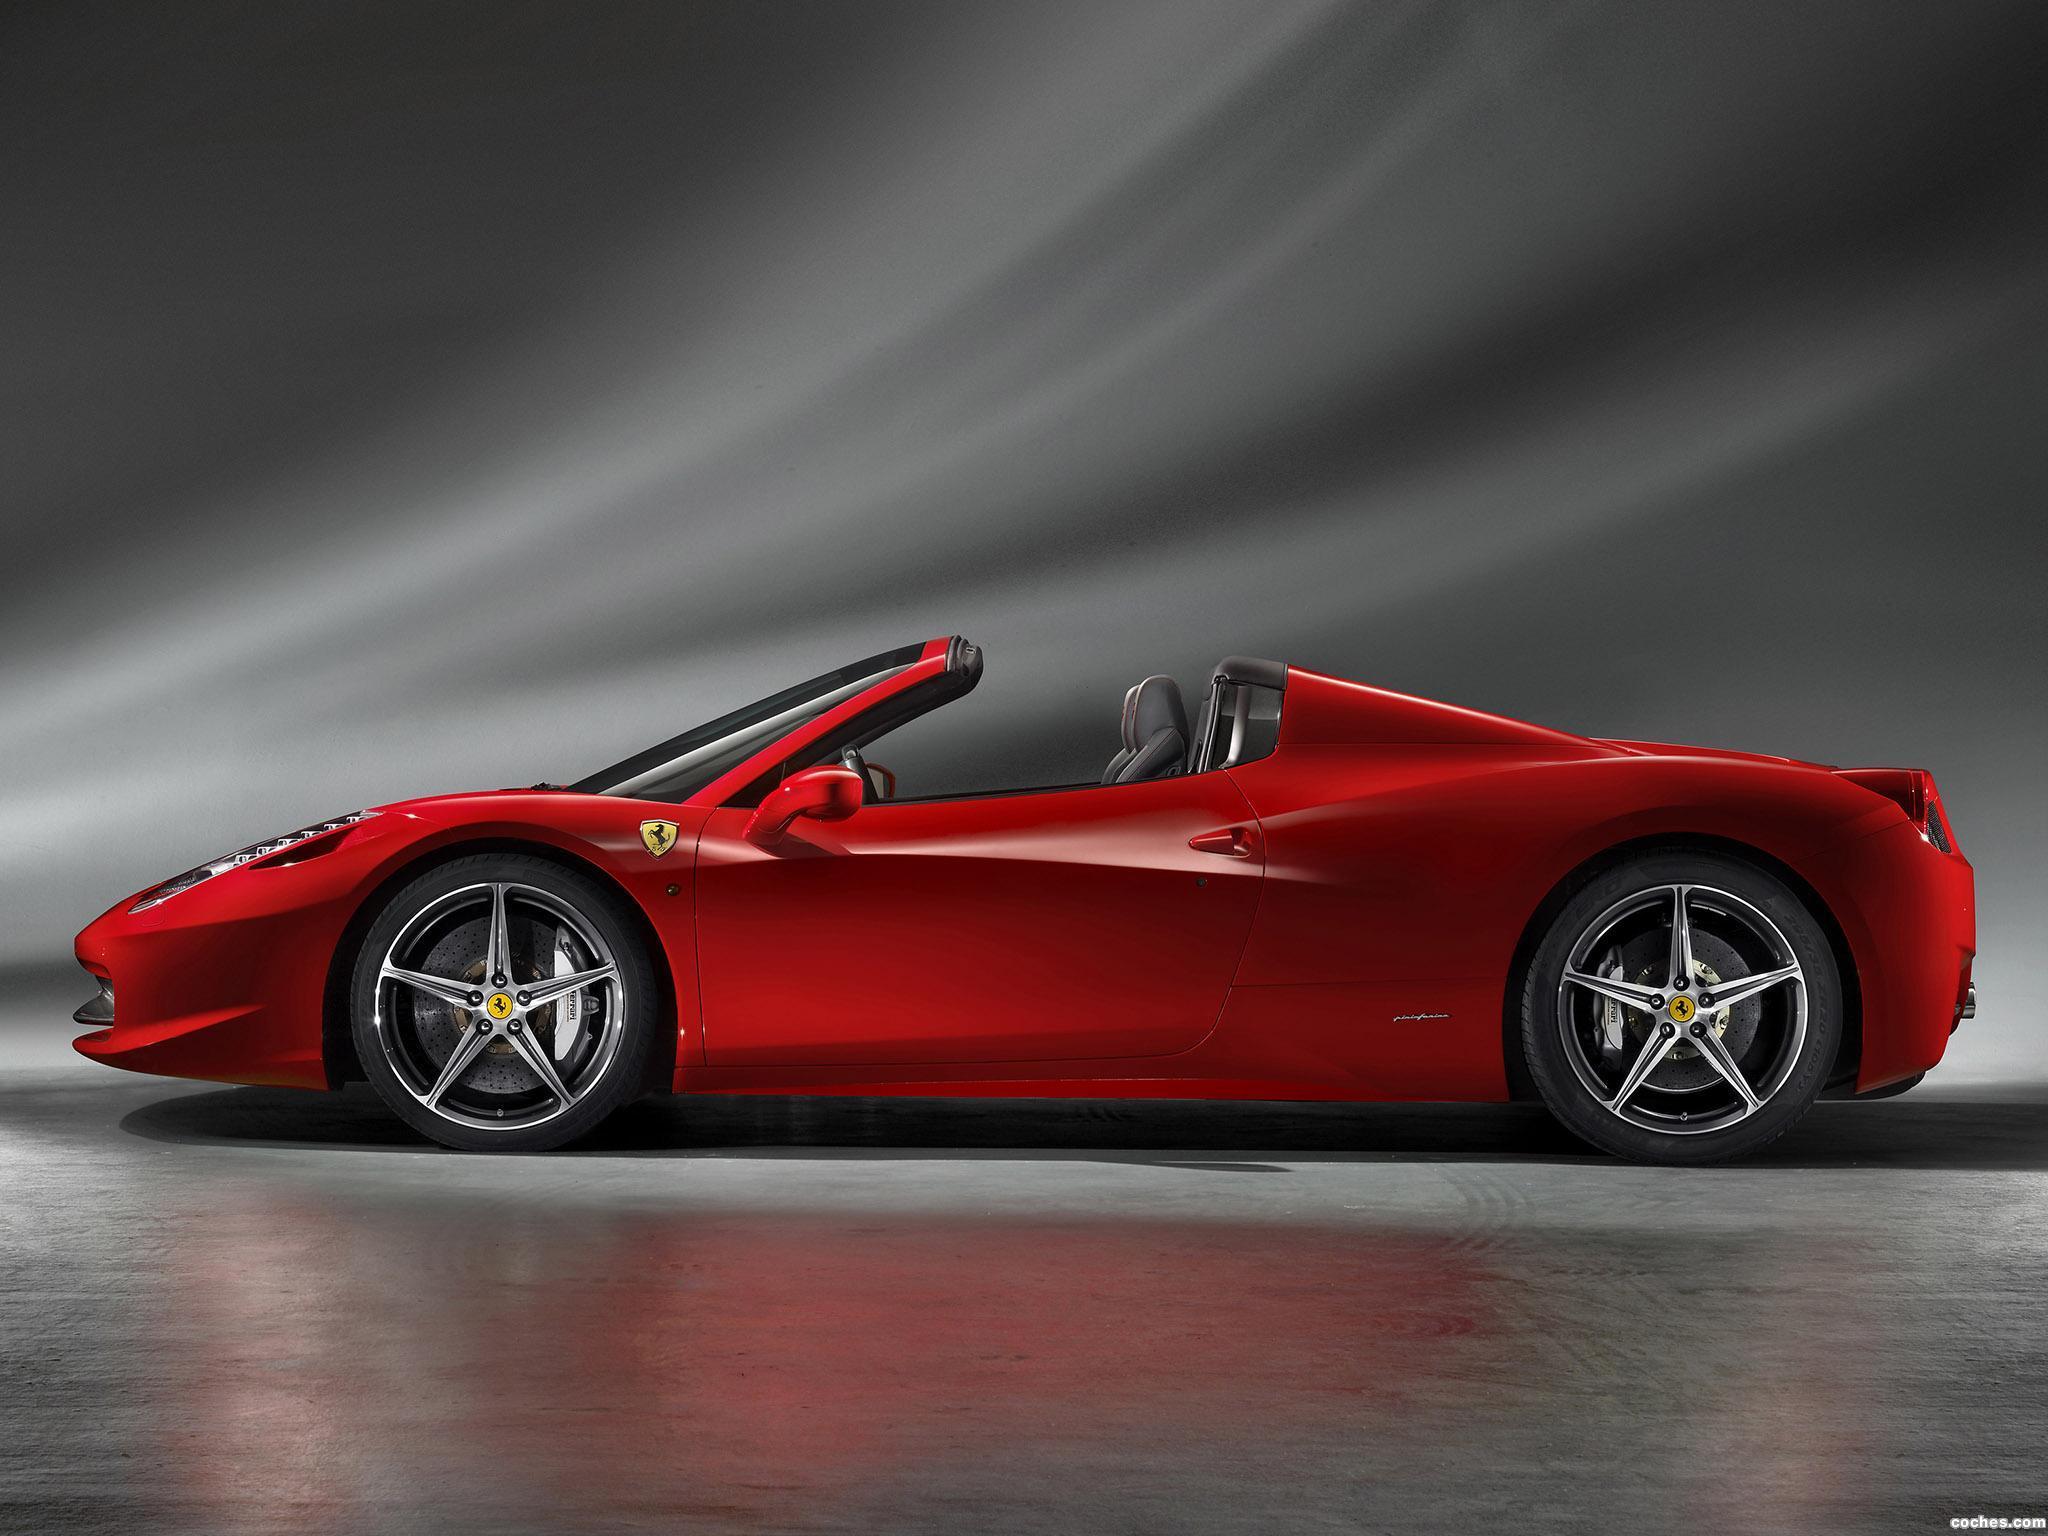 Foto 1 de Ferrari 458 Spider 2011